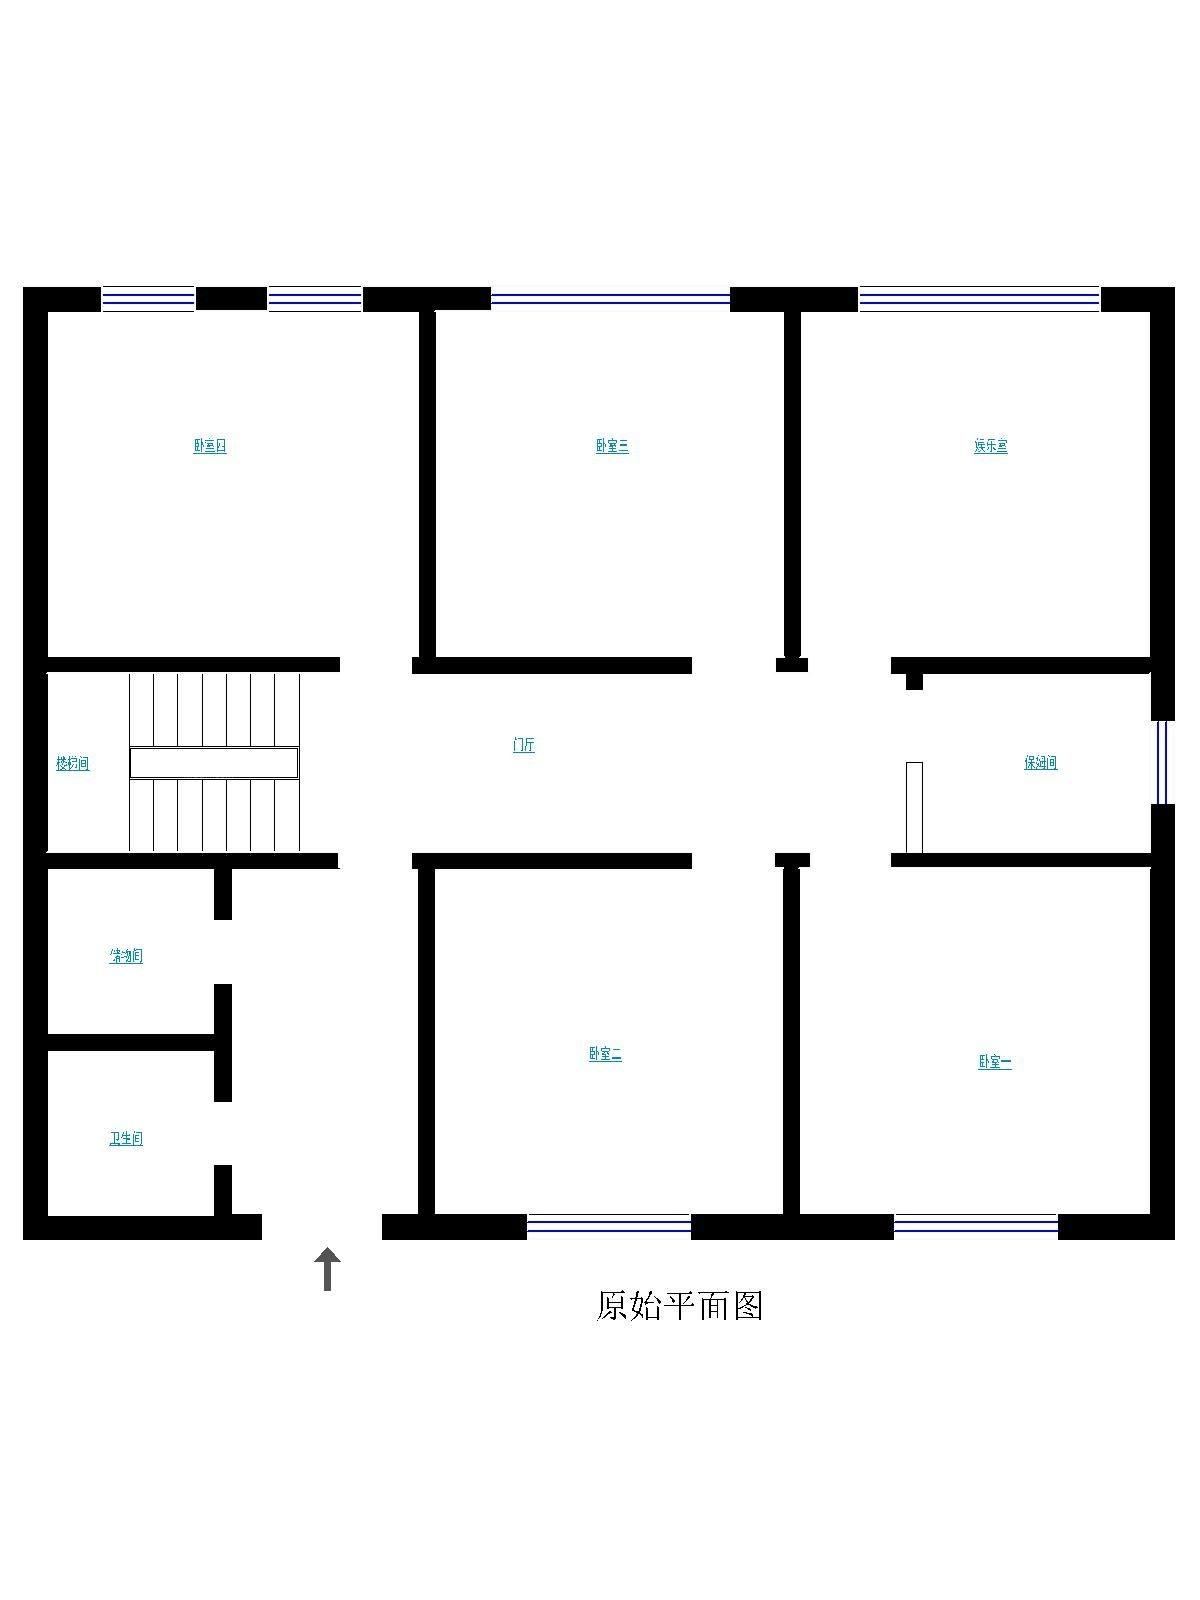 孔雀城235平米别墅欧式风格打造品味家居